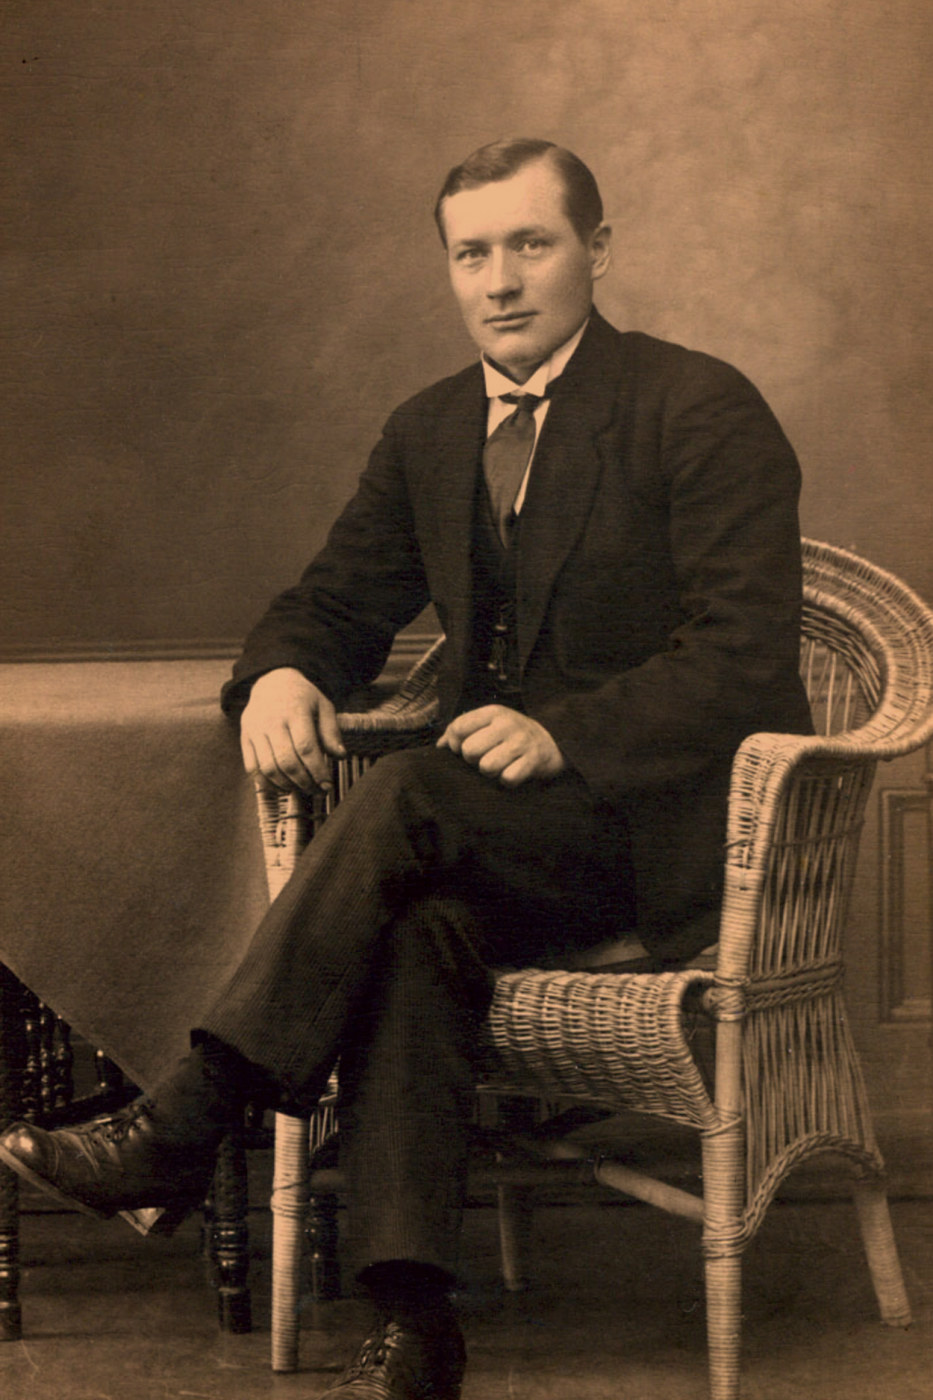 Jukka Heikkinen